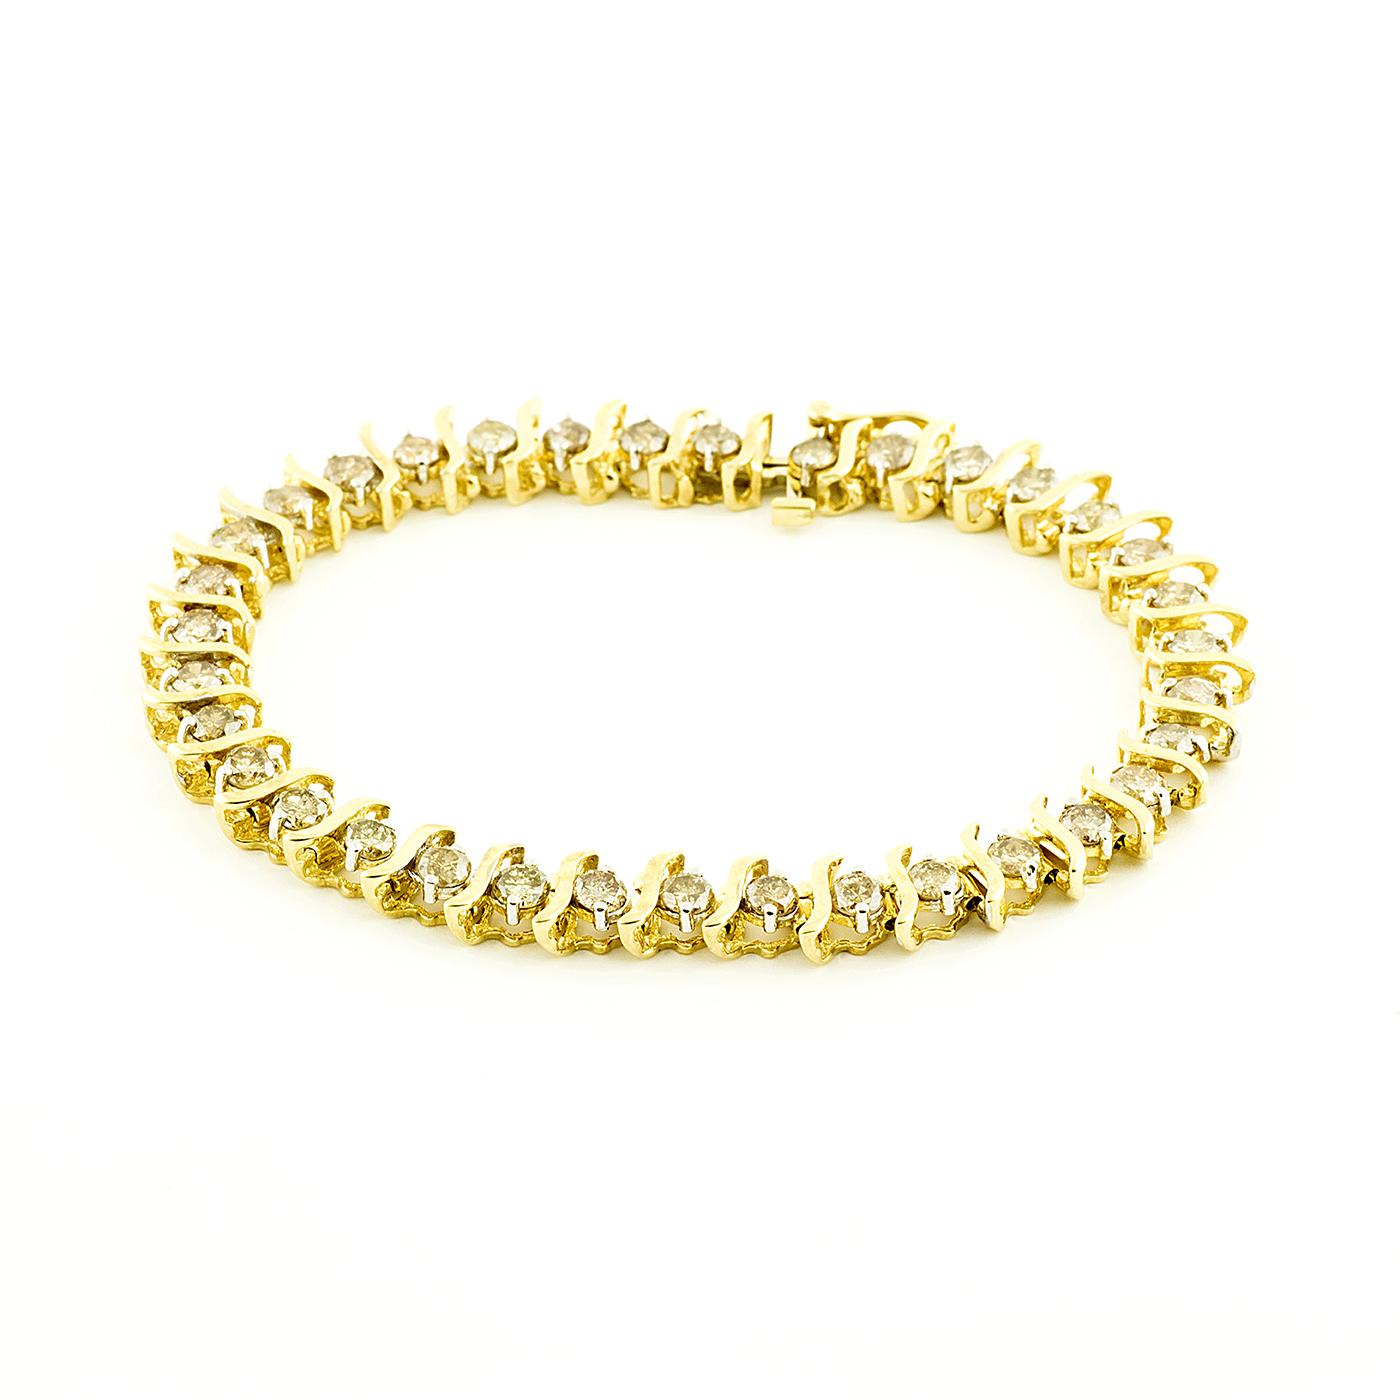 Brazalete Riviere, en Oro con 35 Diamantes talla Brillante de 4,55 ct. (CERTIFICADO IGE).